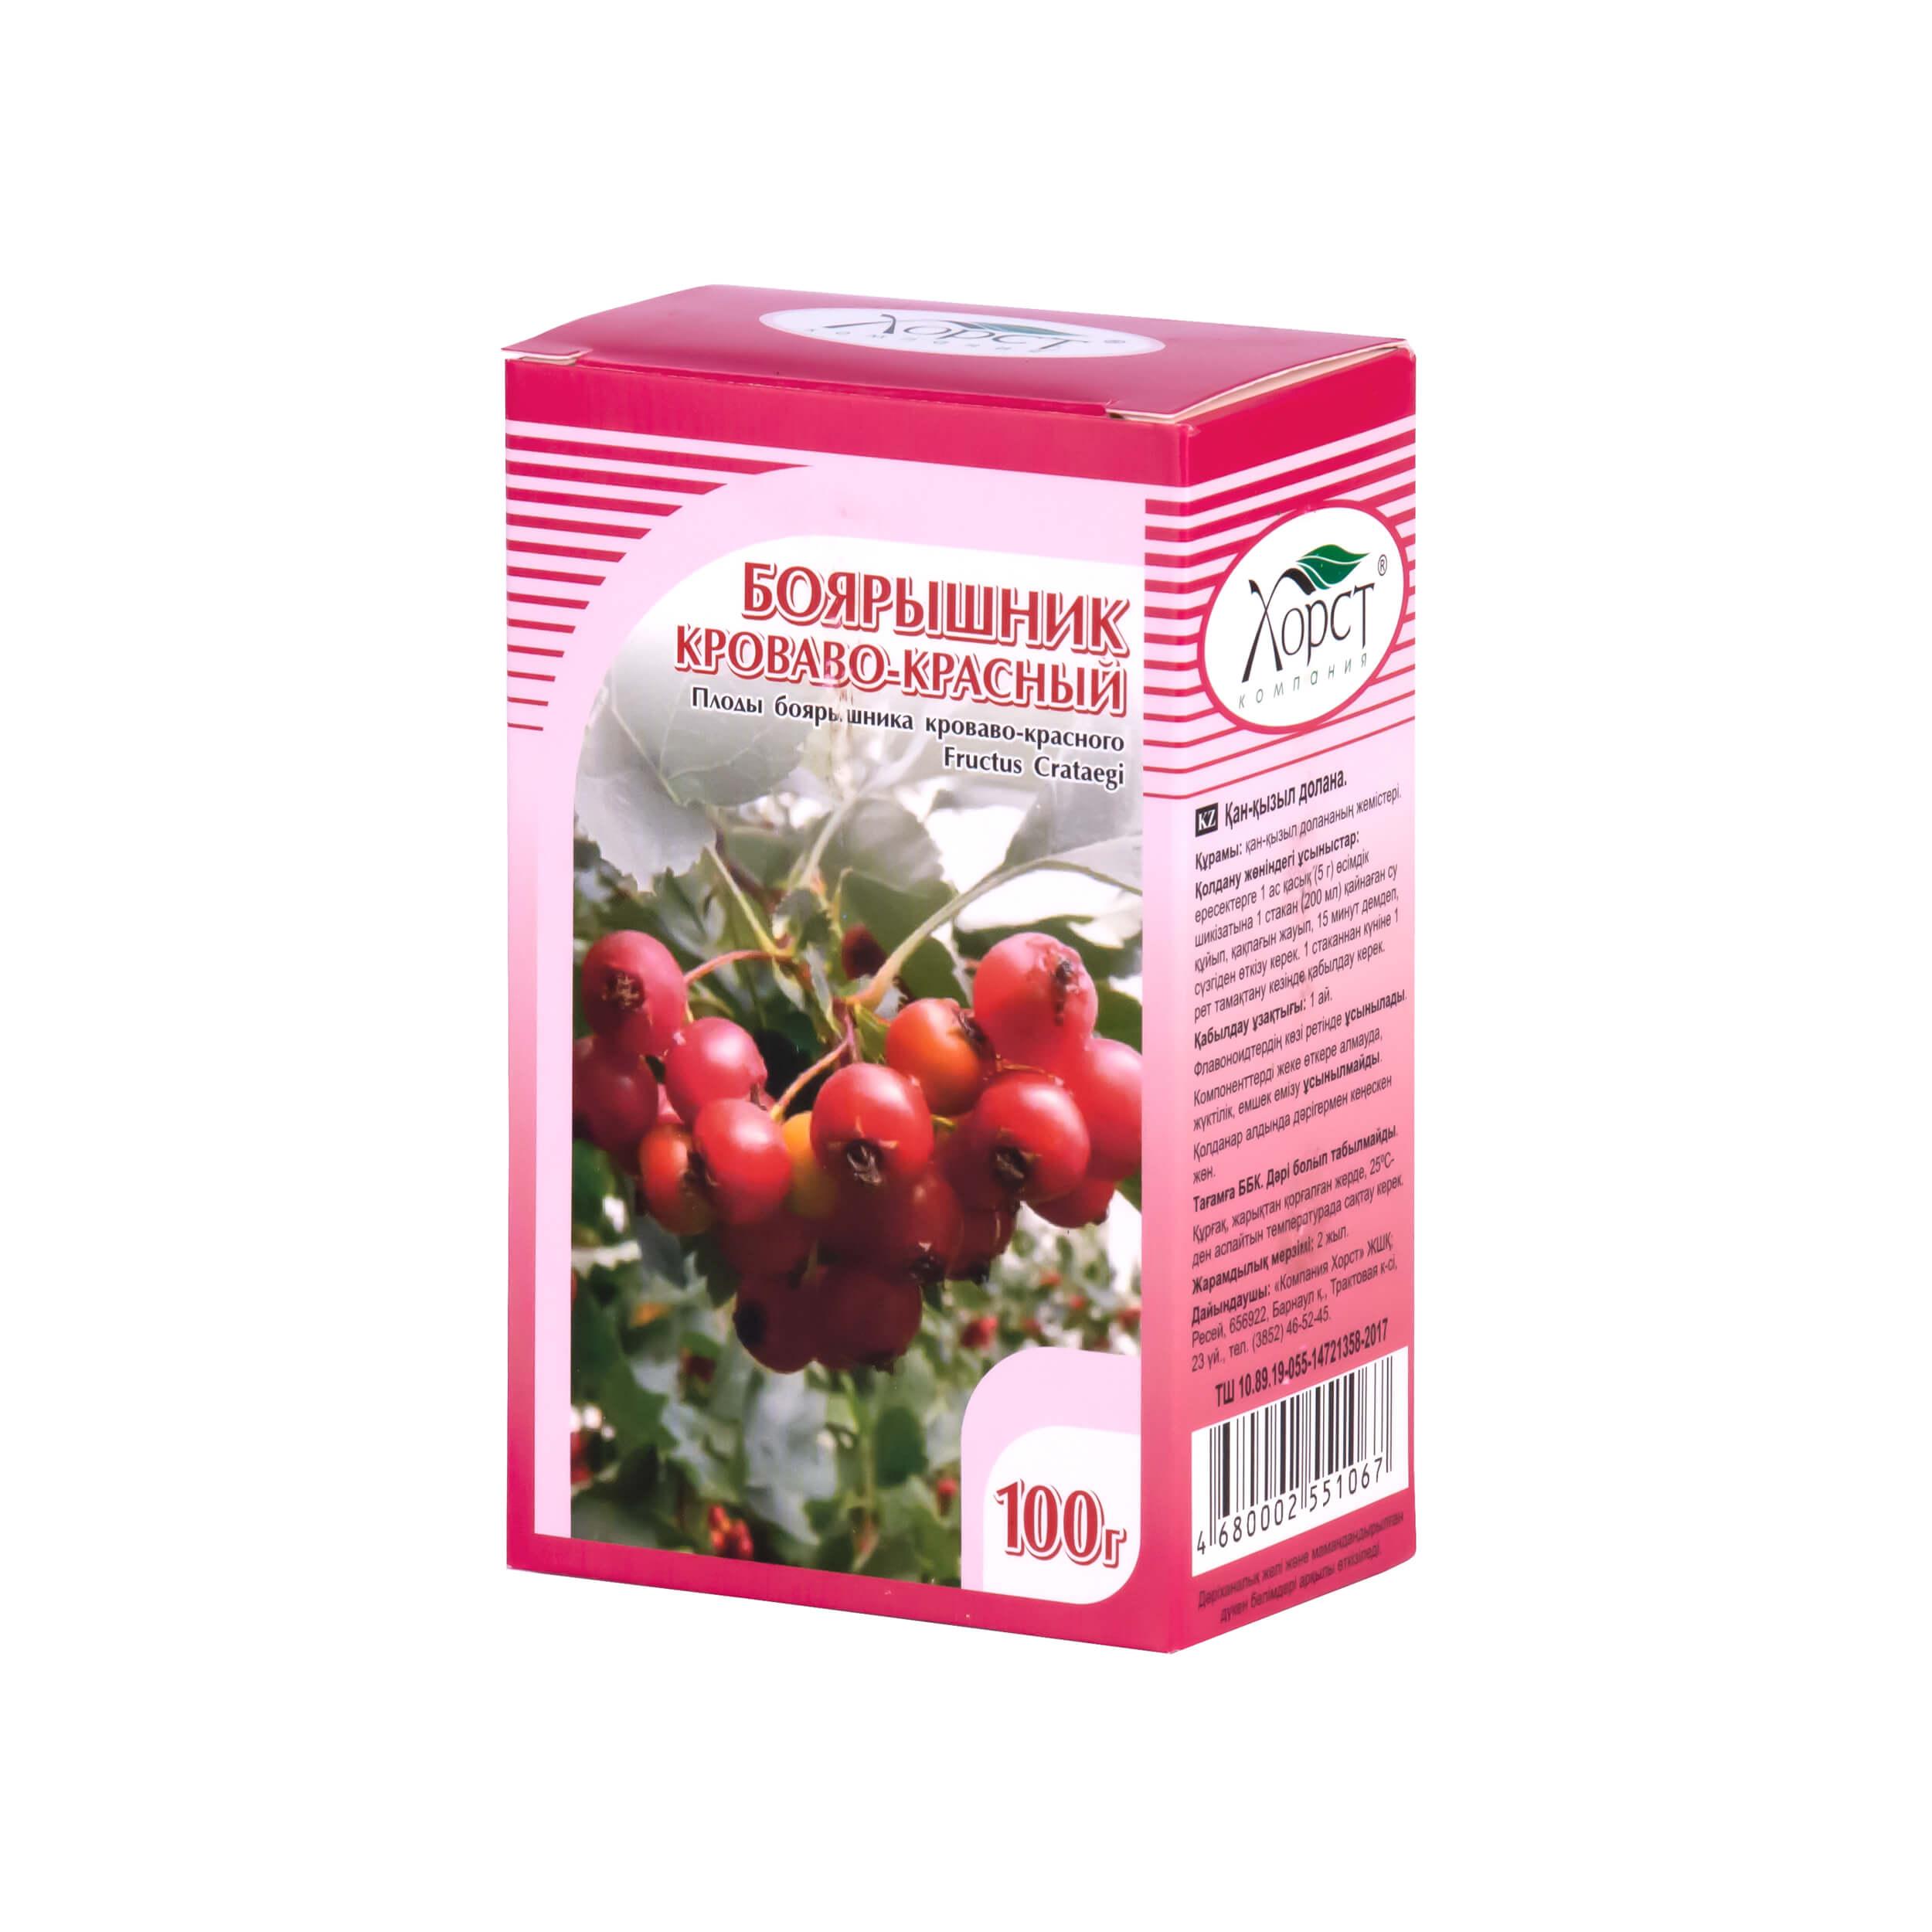 Боярышник кроваво-красный (плоды, 100 грамм) фото